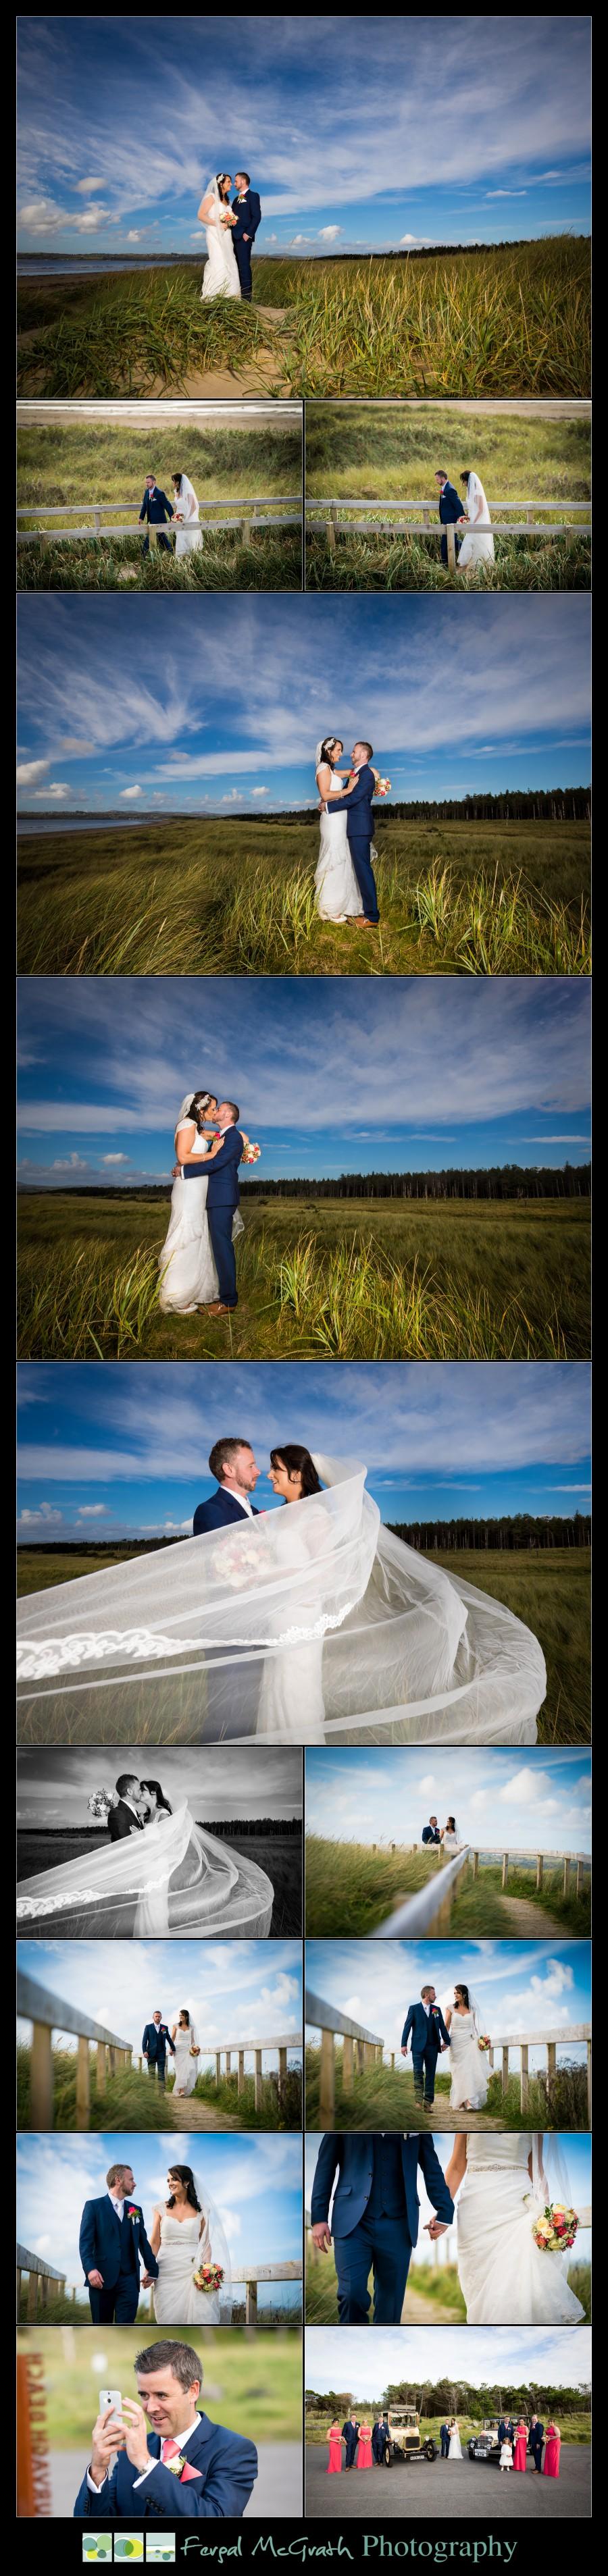 Mill Park Hotel Wedding Laura + John bride and groom photos on murvagh beach